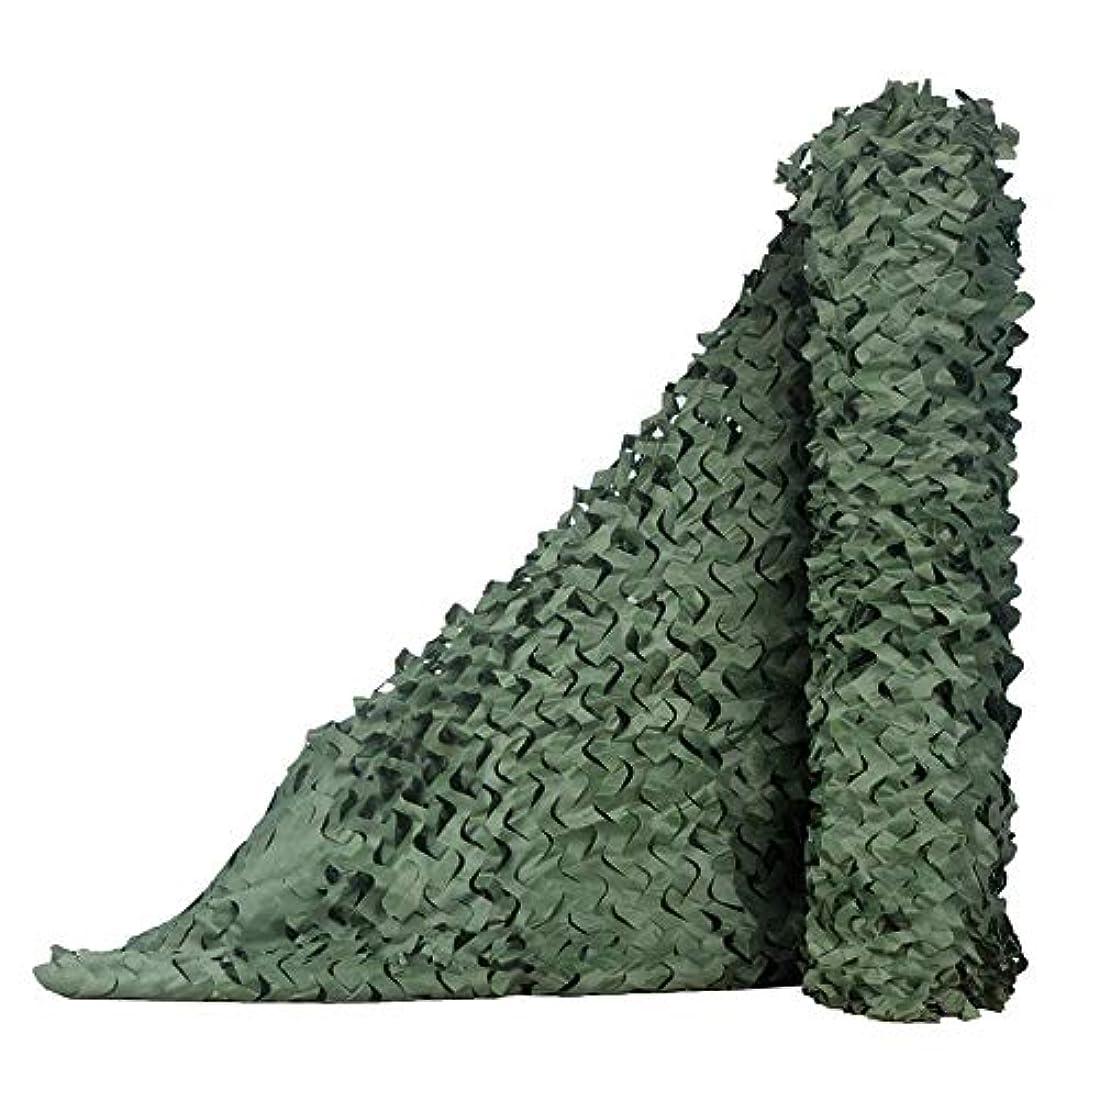 ビスケット宇宙舌迷彩ネット、迷彩ネット - ウッドランド撮影、日焼け止めネット、隠す巣箱、寝室、ジャングルカバーネット、キャンプ、グリーン ZHAOFENGMING (色 : 緑, サイズ さいず : 12x12m)